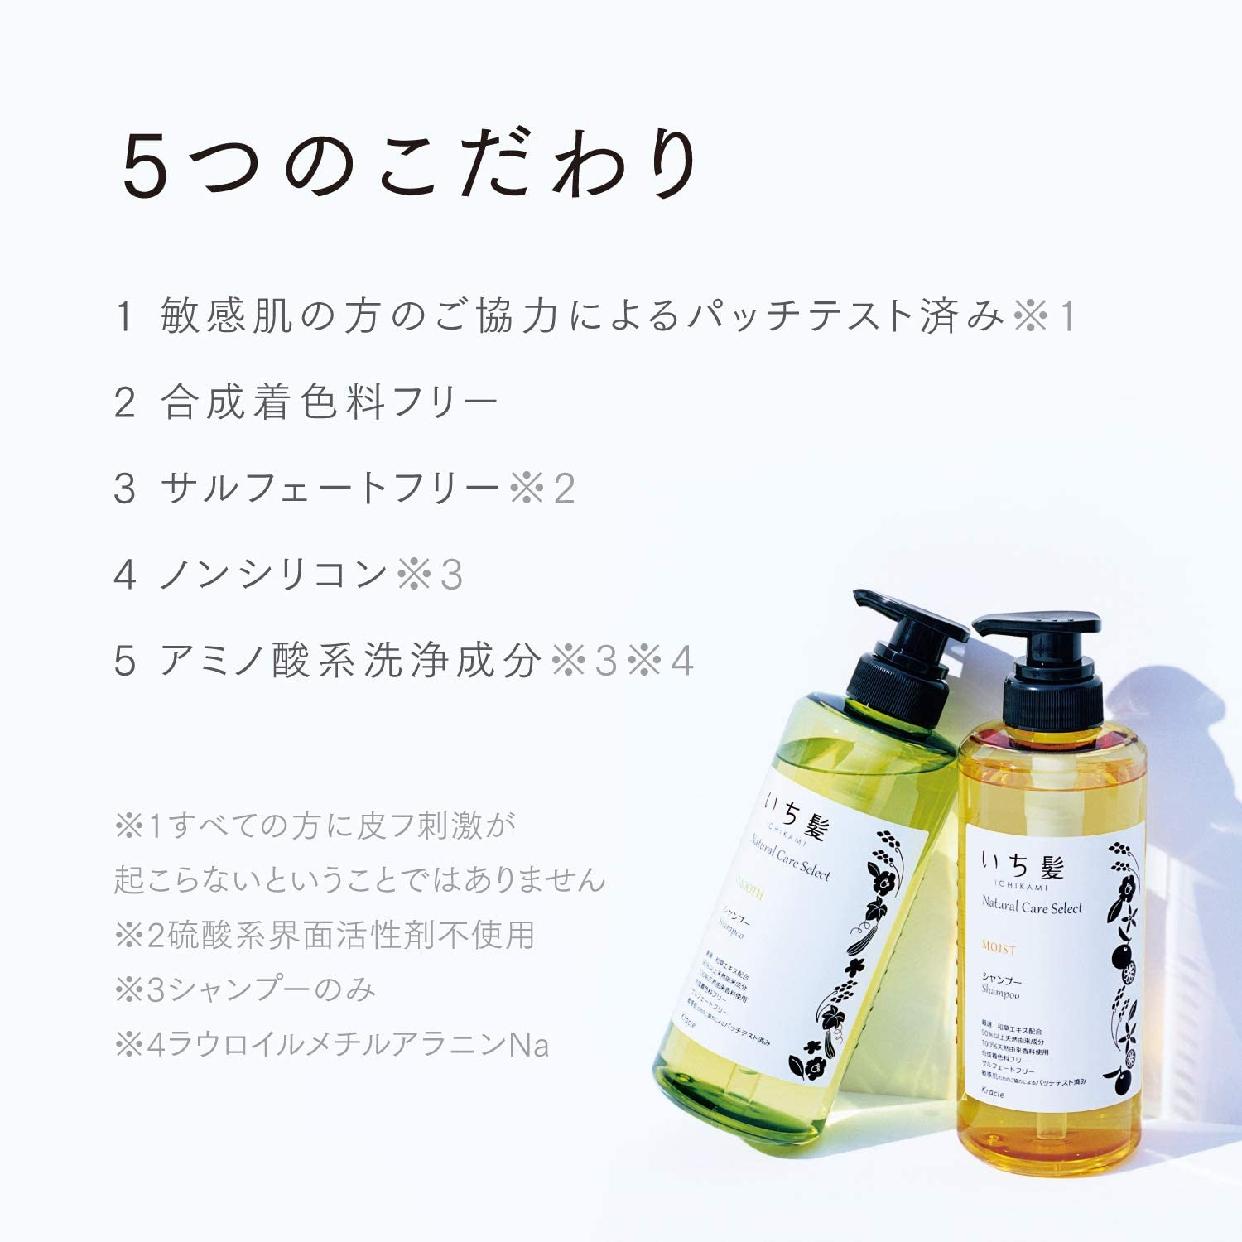 いち髪(ICHIKAMI) ナチュラルケアセレクト スムース シャンプーの商品画像4